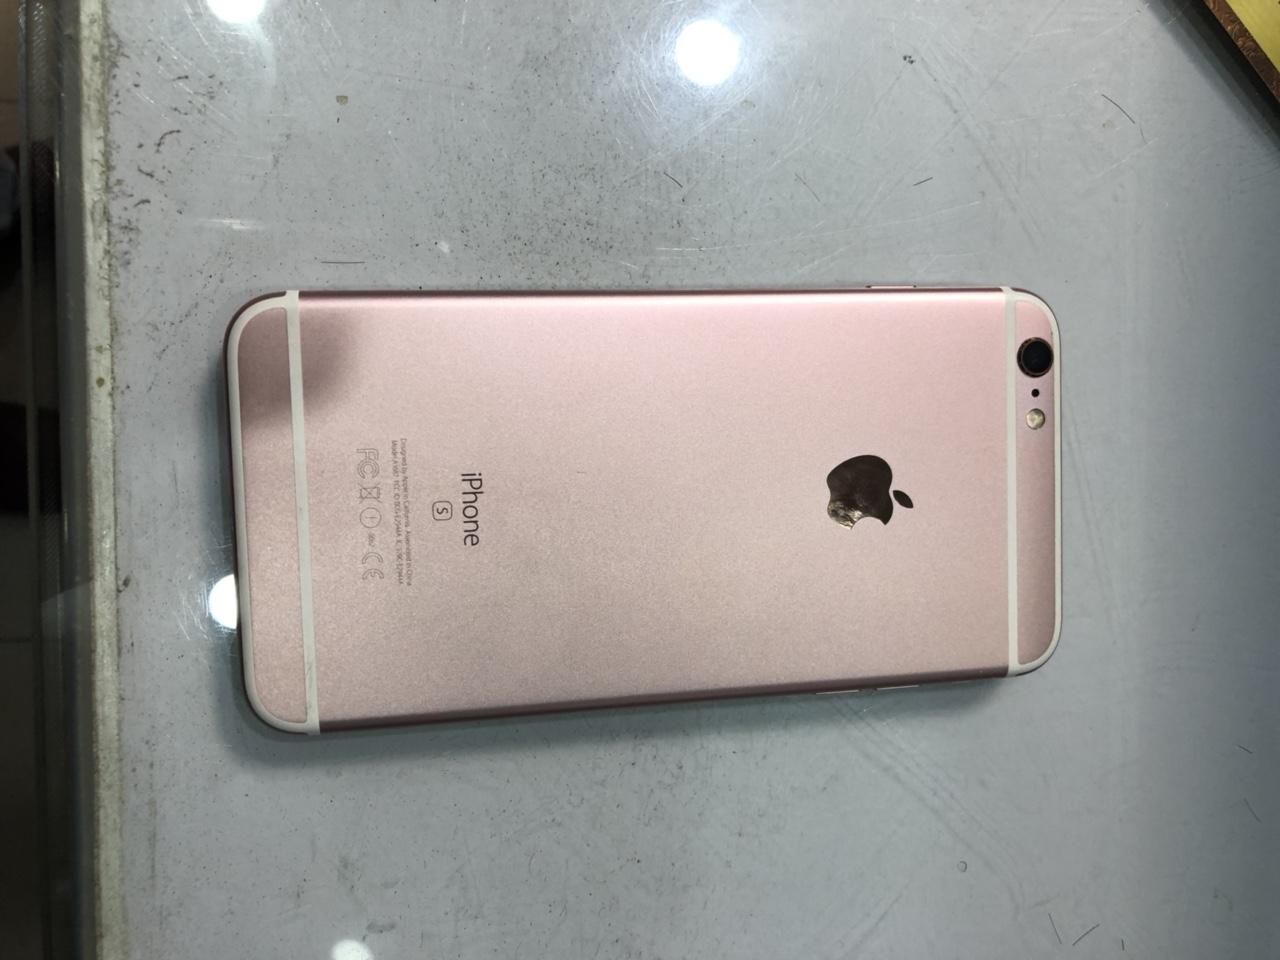 苹果手机6s,内存64g,八成新,原装正品,没有维修过,可以检测。